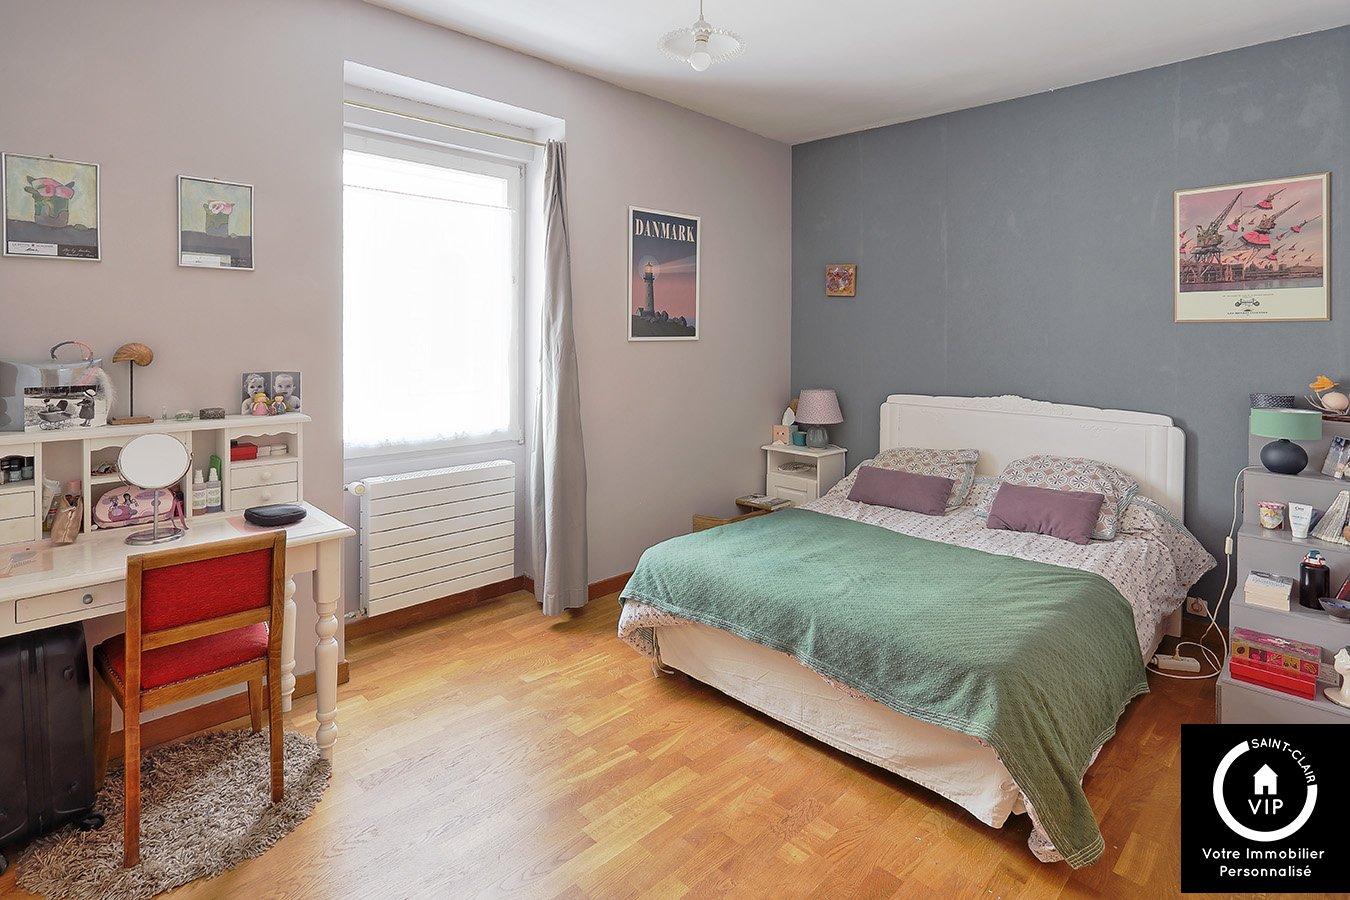 Vente Maison - Nantes Canclaux - Mellinet